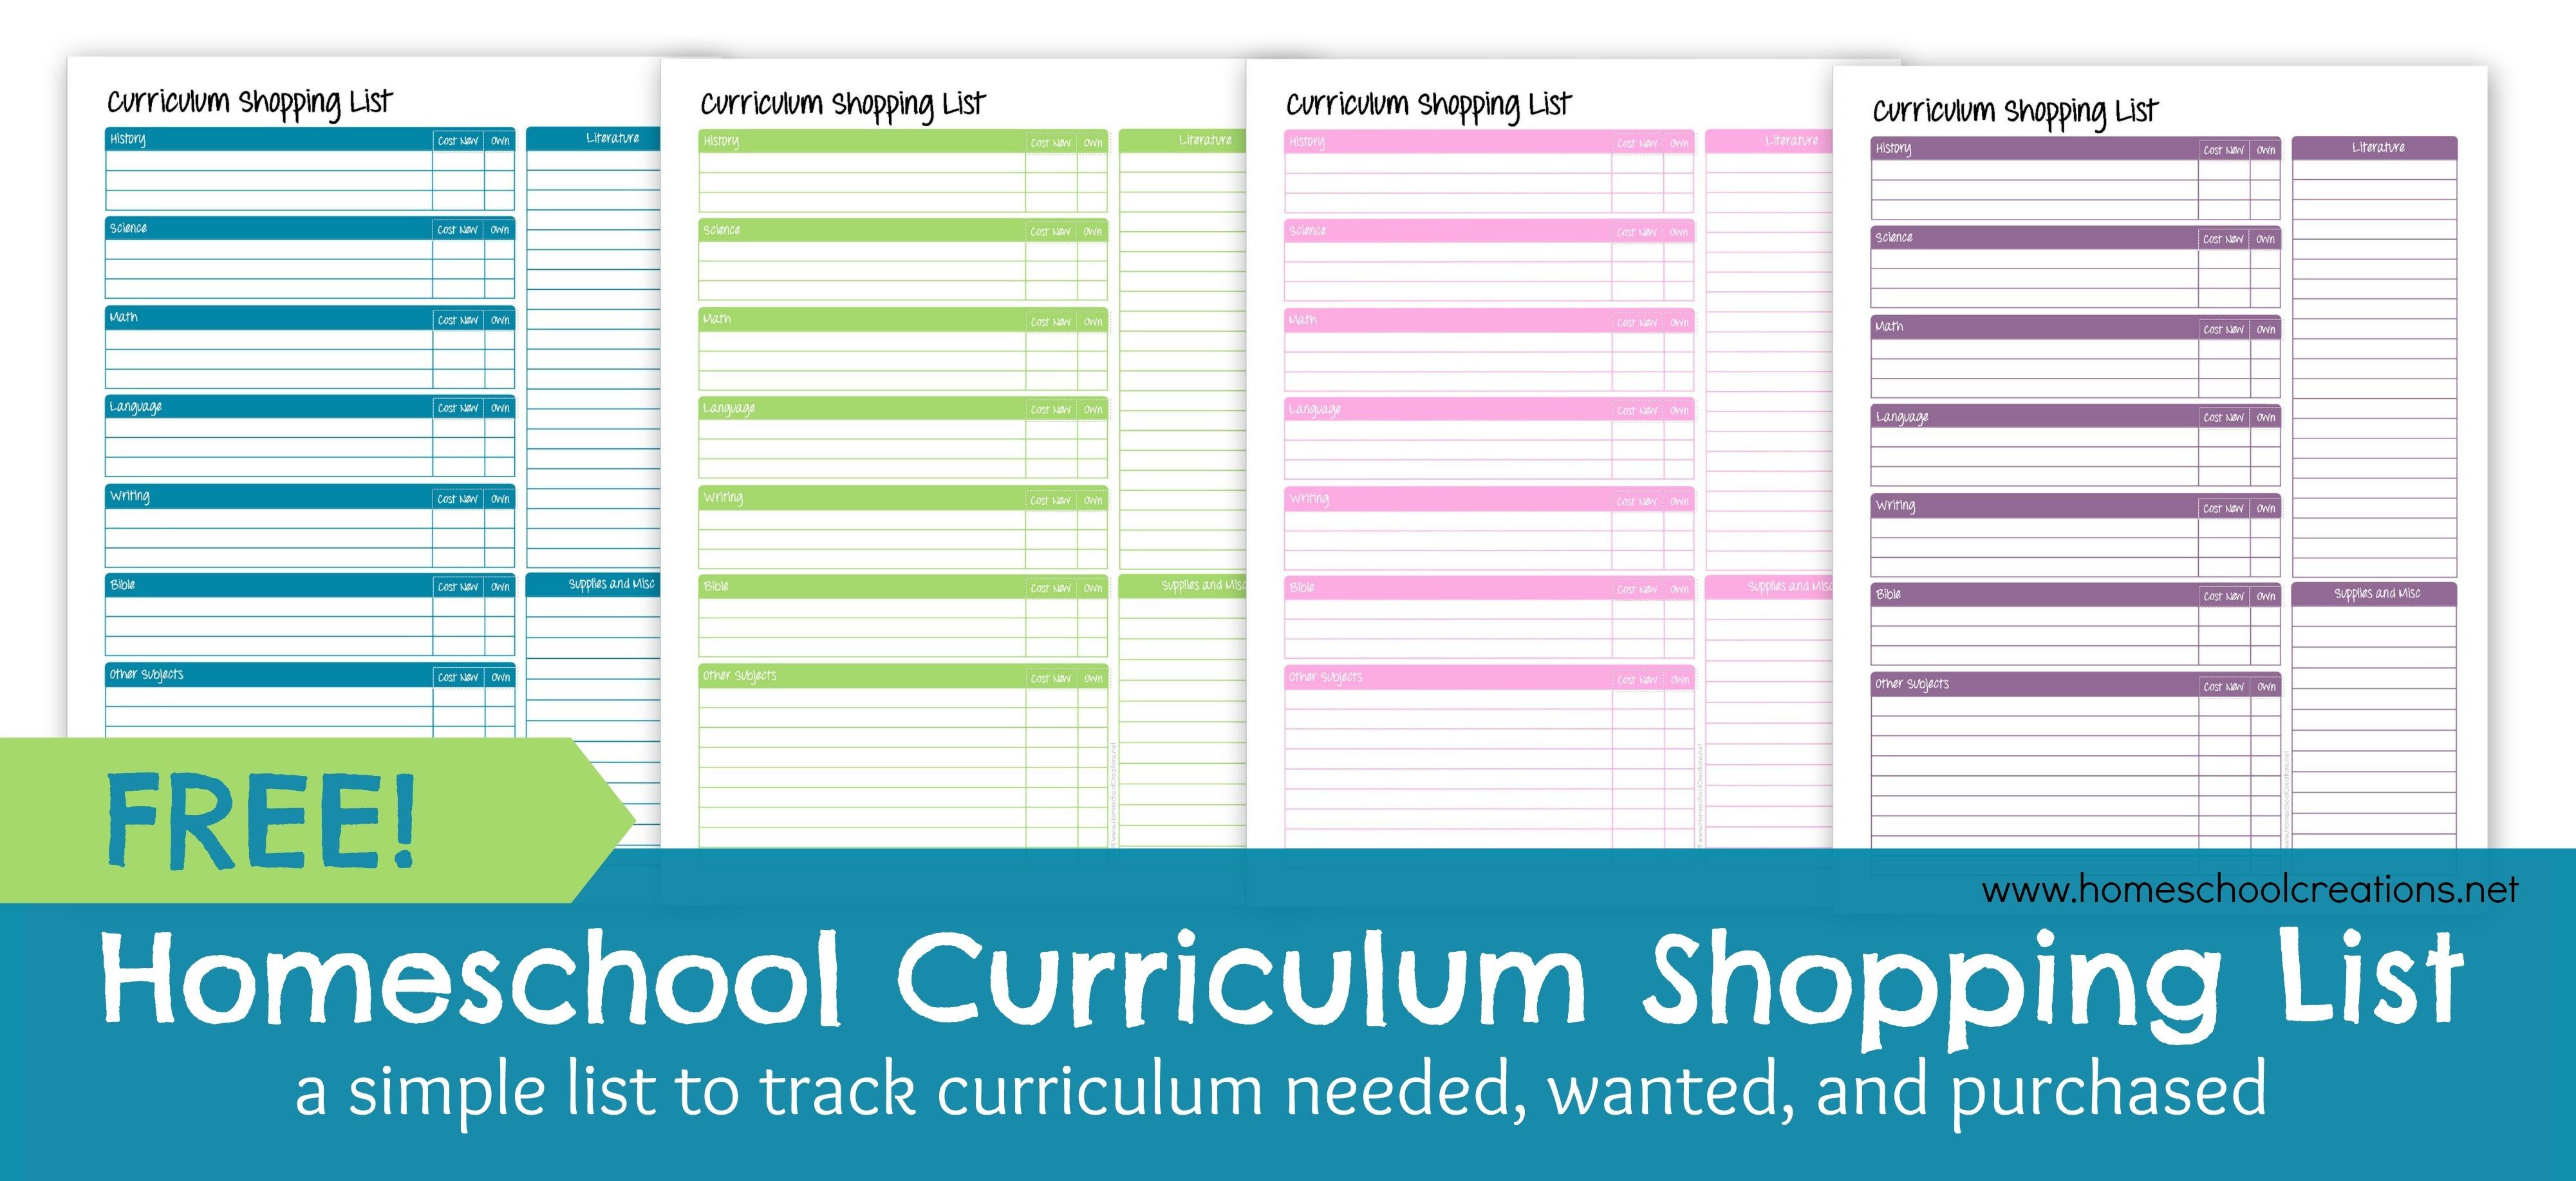 Homeschool Curriculum Shopping List: Free Printable - Free Printable Homeschool Curriculum